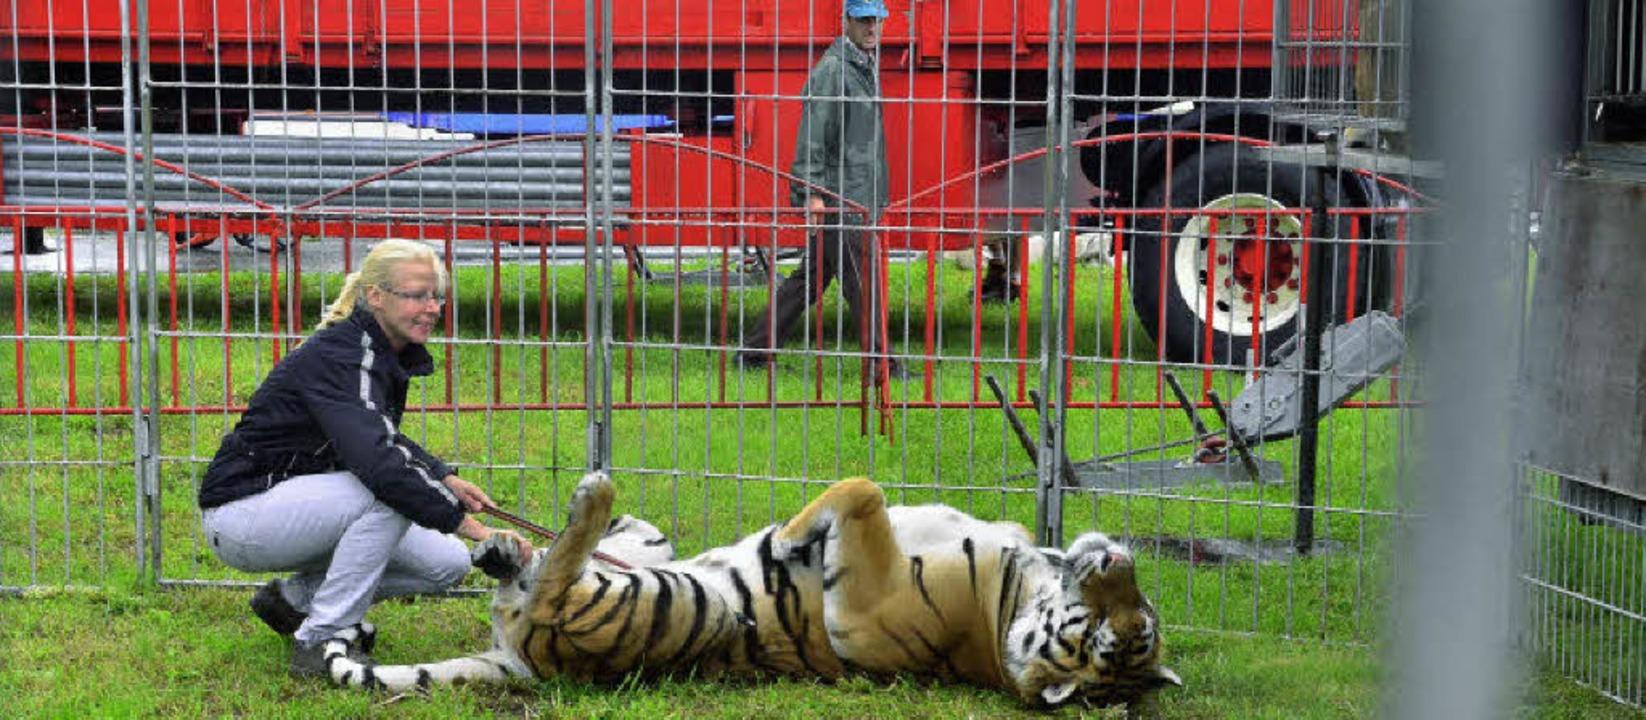 Tierlehrerin Ivonne Muderack  vom Zirk... Umgebung auf dem Festplatz vertraut.   | Foto: Dieter Erggelet